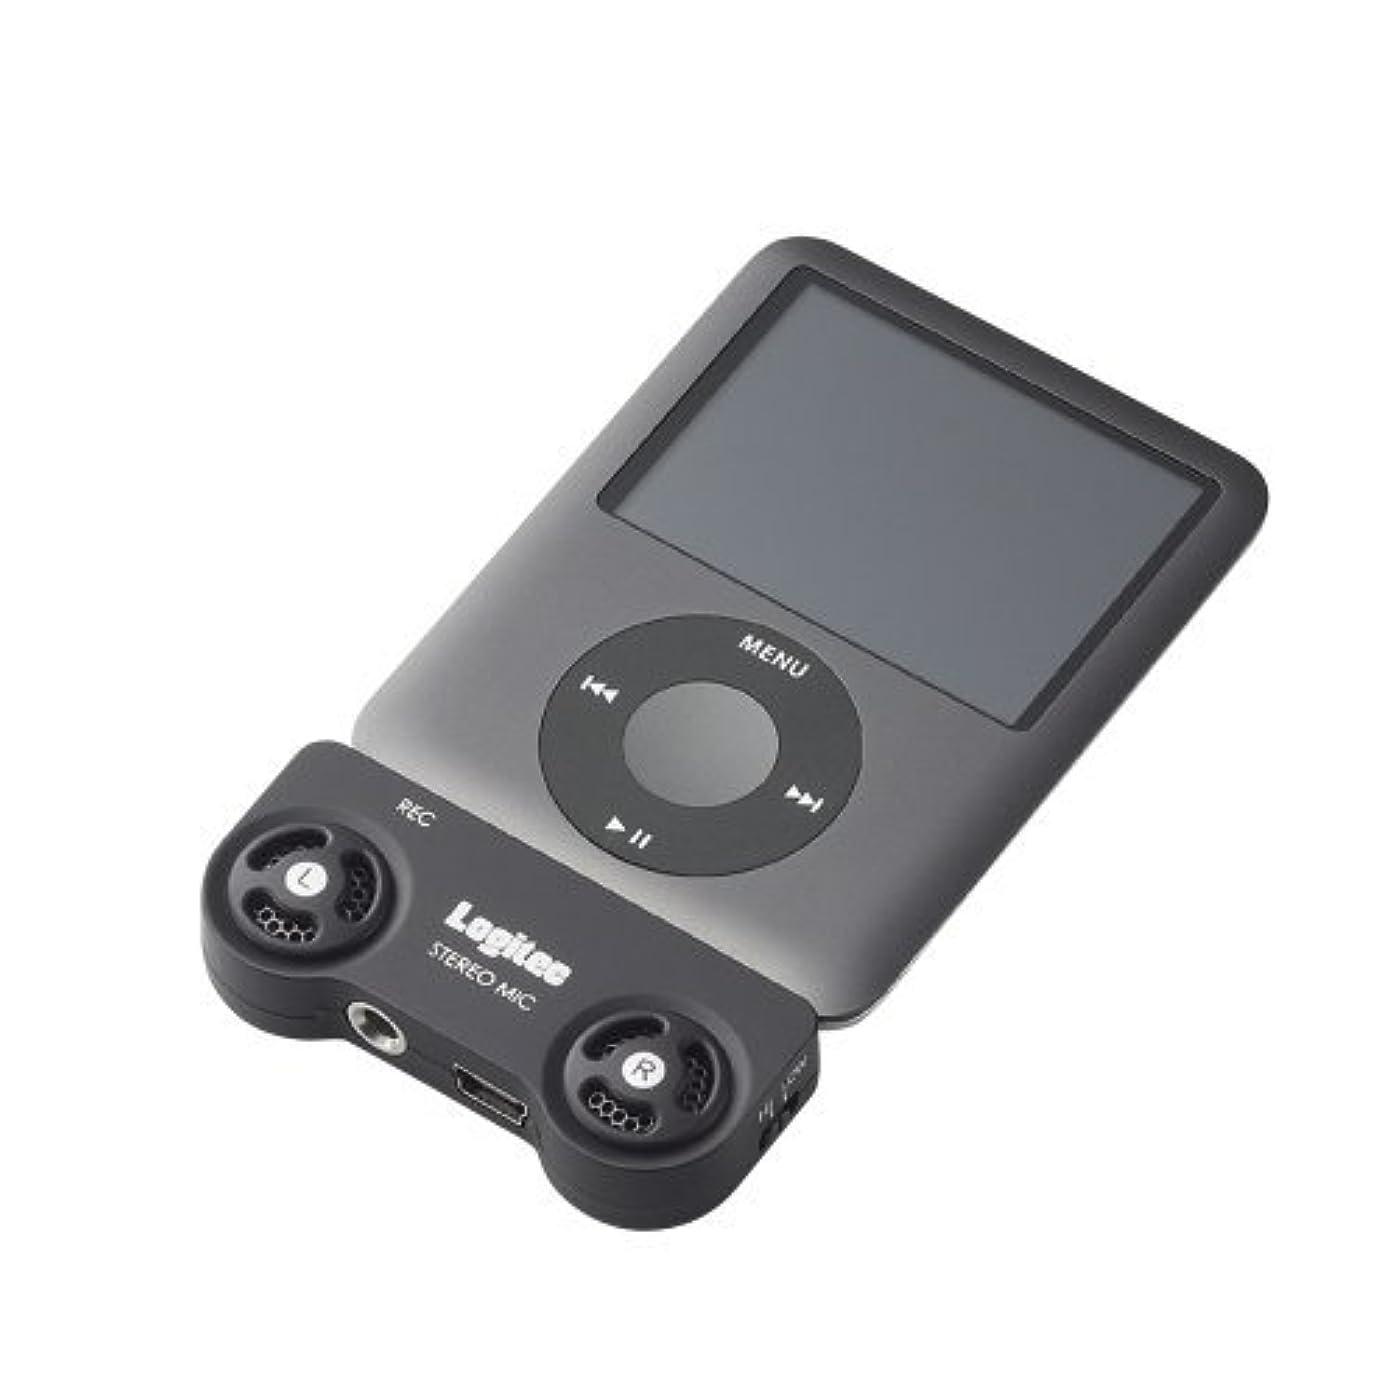 失効自動的に新年Logitec iPod対応 ICレコーダーアダプタ LIC-IREC01